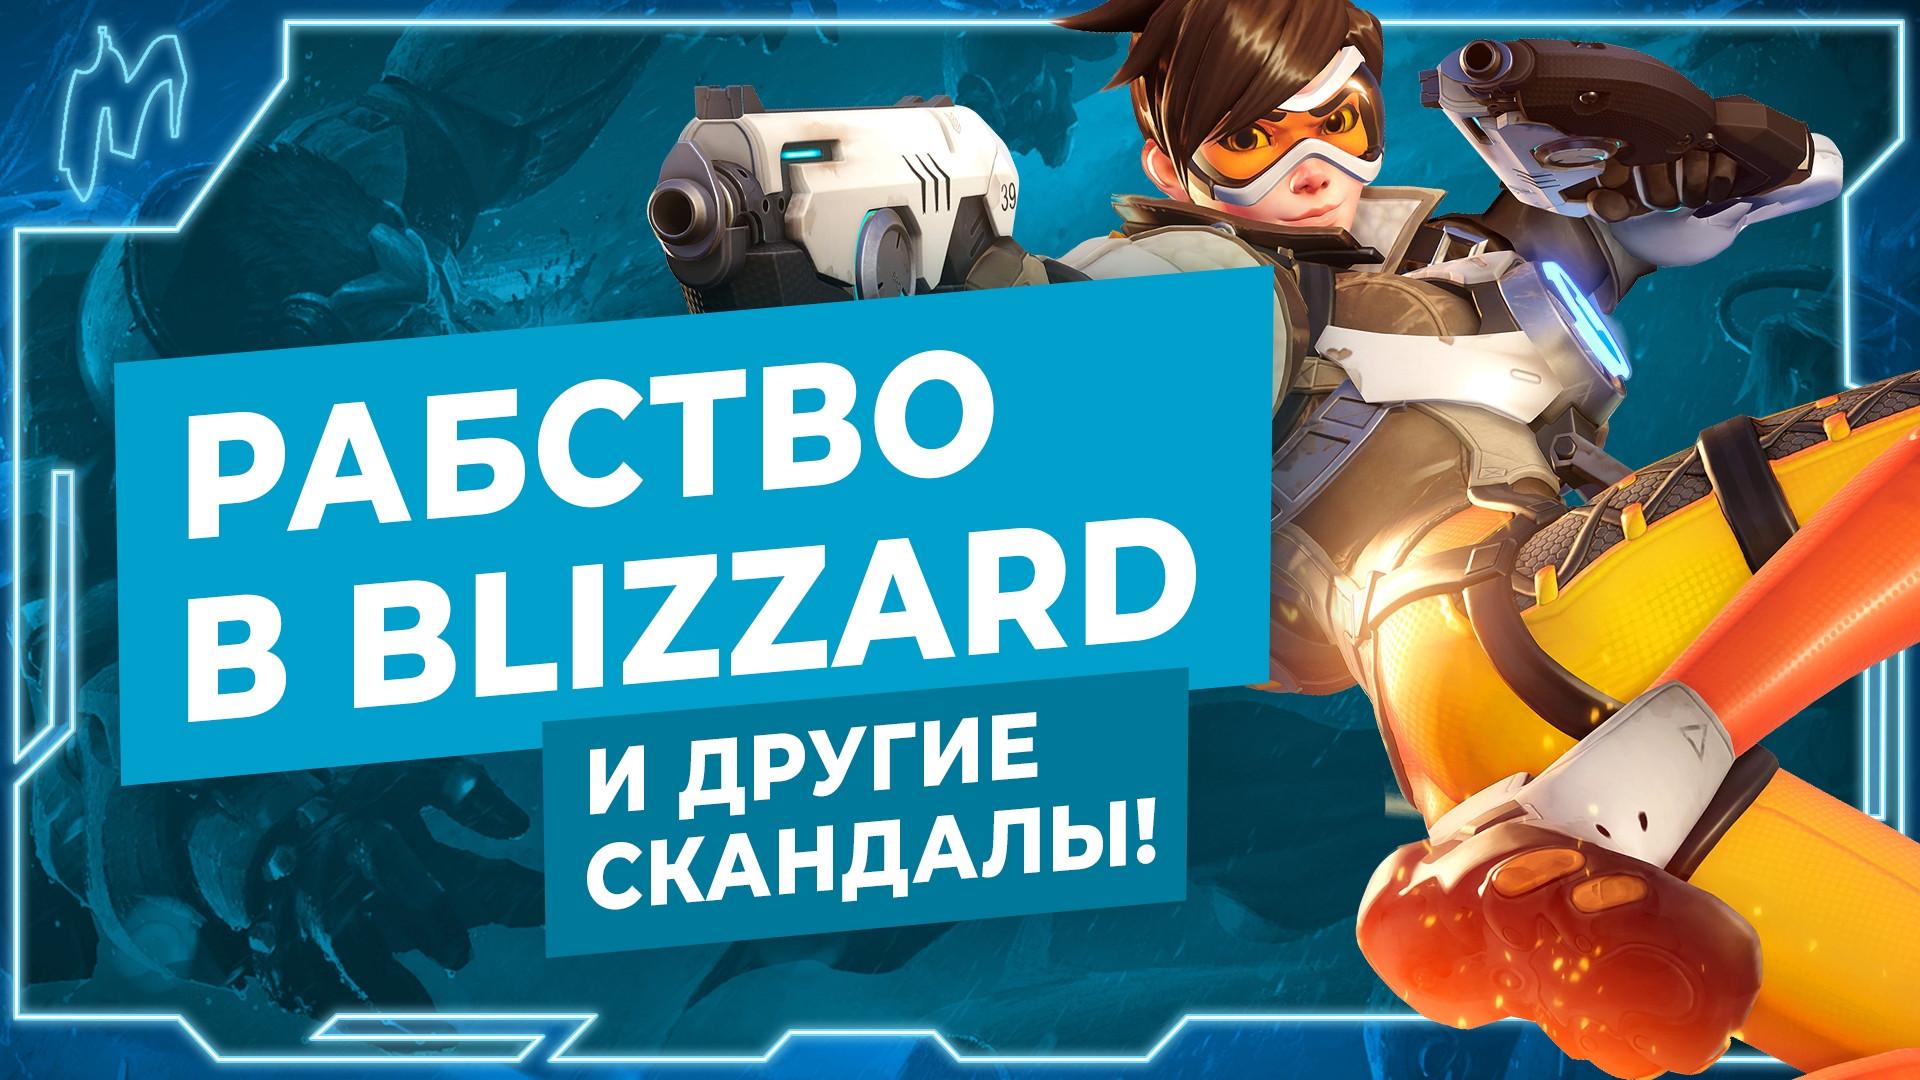 ИГРОВЫЕ НОВОСТИ: ПЕРЕЗАГРУЗКА. Рабство в Blizzard, экзы PS5, охотник на читеров!